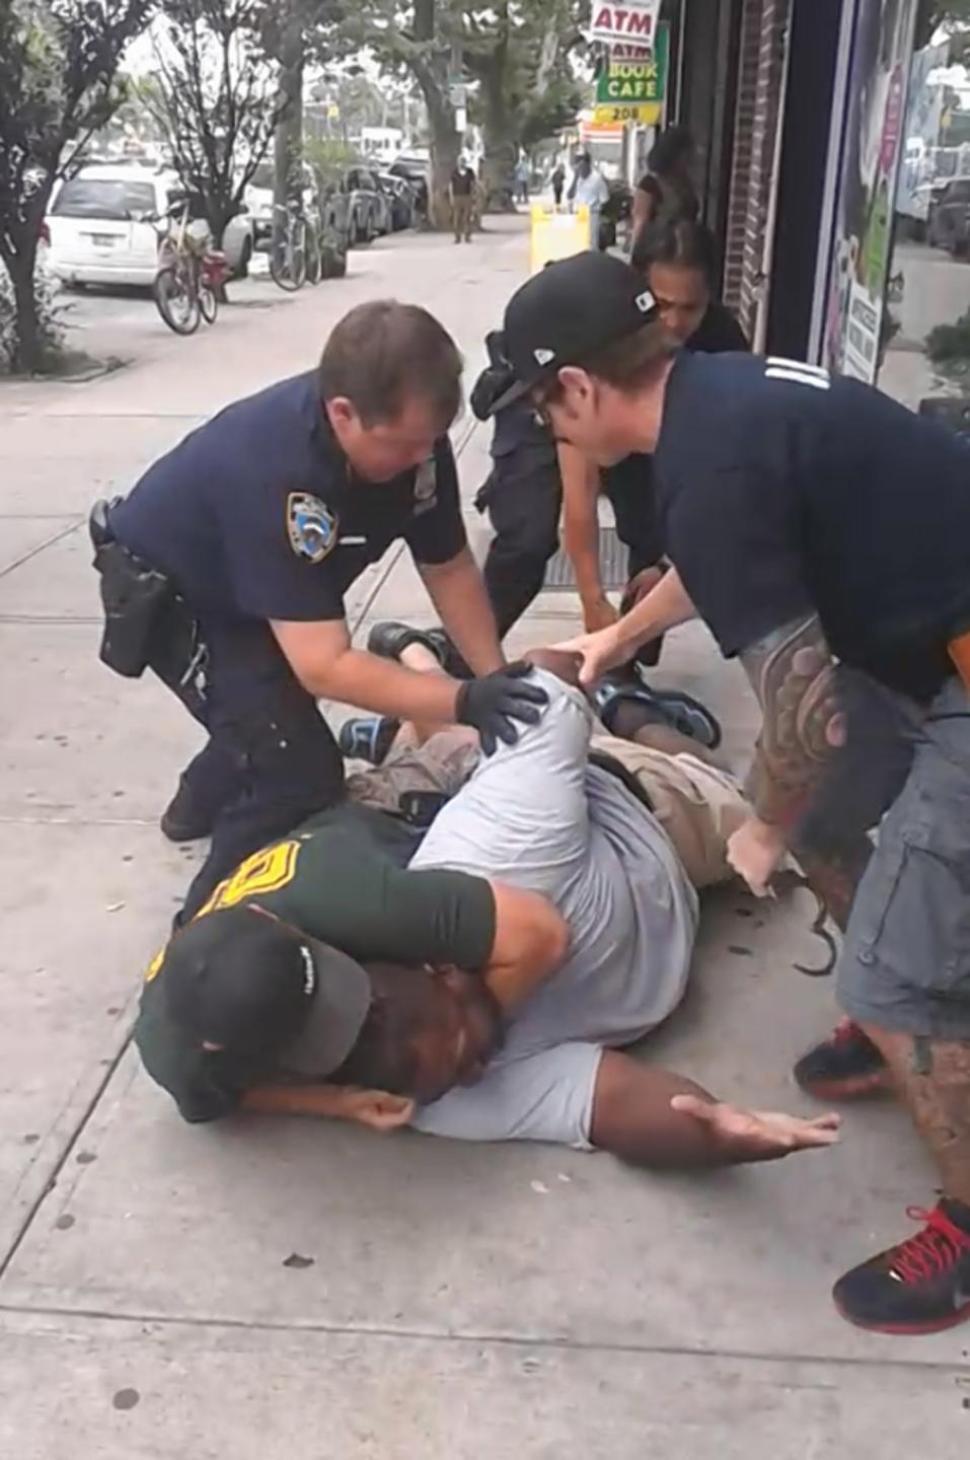 Αστυνομικοί έπνιξαν πολίτη στη Νέα Υόρκη